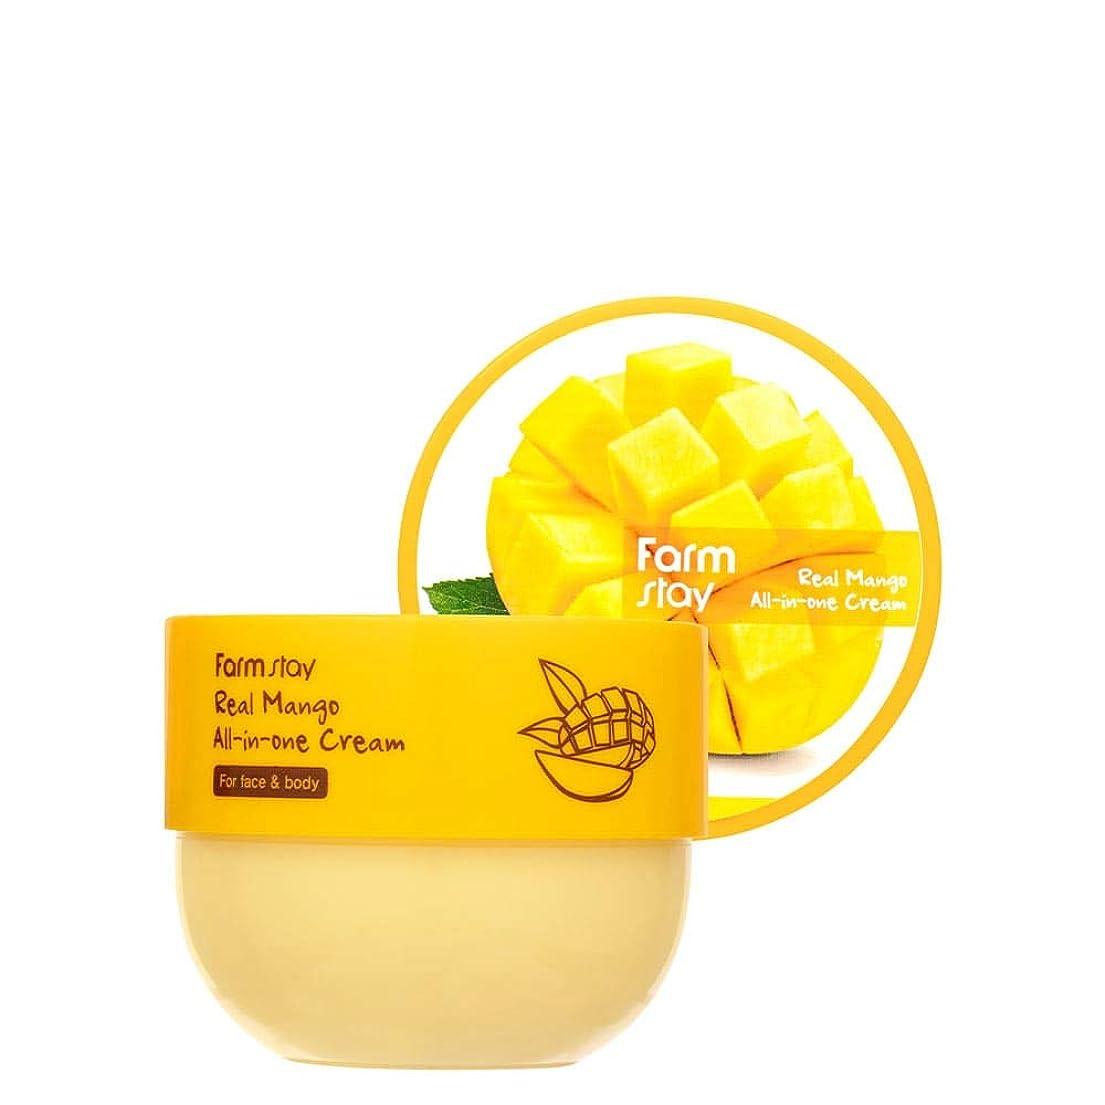 技術者真夜中伝統的ファームステイ[Farm Stay] リアルマンゴーオールインワンクリーム 300ml / Real Mango All-in-One Cream